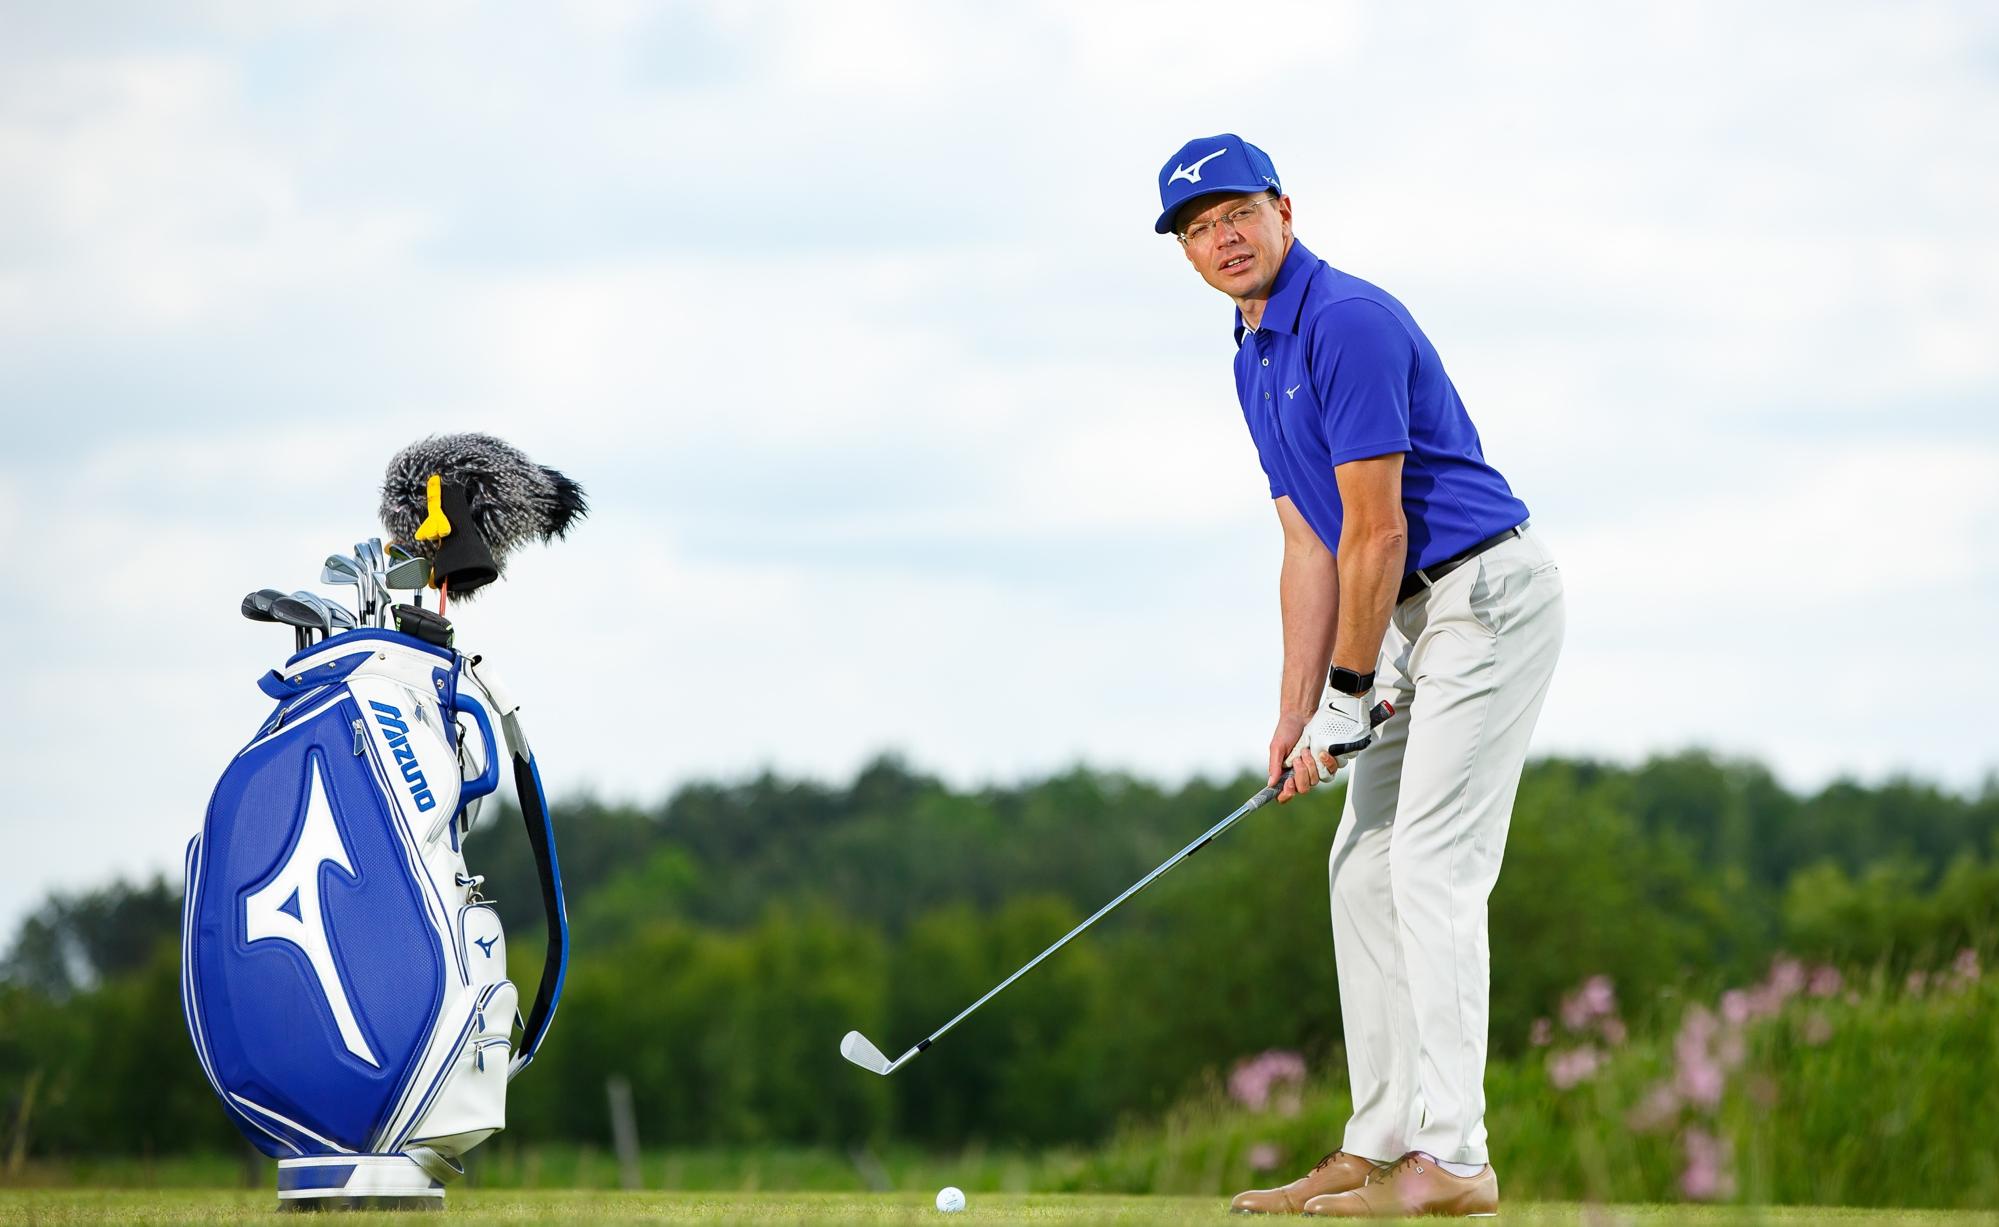 """W golfa gra od 10. roku życia, a od 15 lat jest utytułowanym trenerem PGA Fully Qualified Golf Professional. Zwycięzca licznych turniejów amatorskich i zawodowych, wielokrotny kapitan Klubowego Mistrza Polski – Sobienie Królewskie G&CC. Wieloletni członek zarządu PGA Polska, a także autor artykułów do magazynu """"Golf&Roll"""". Adam od wielu lat szkoli zarówno początkujących, jak i zaawansowanych golfistów, cały czas doskonaląc swój własny warsztat trenerski, chociażby przez udział w dodatkowych szkoleniach organizowanych w ramach CPD (Continuing Professional Development)."""